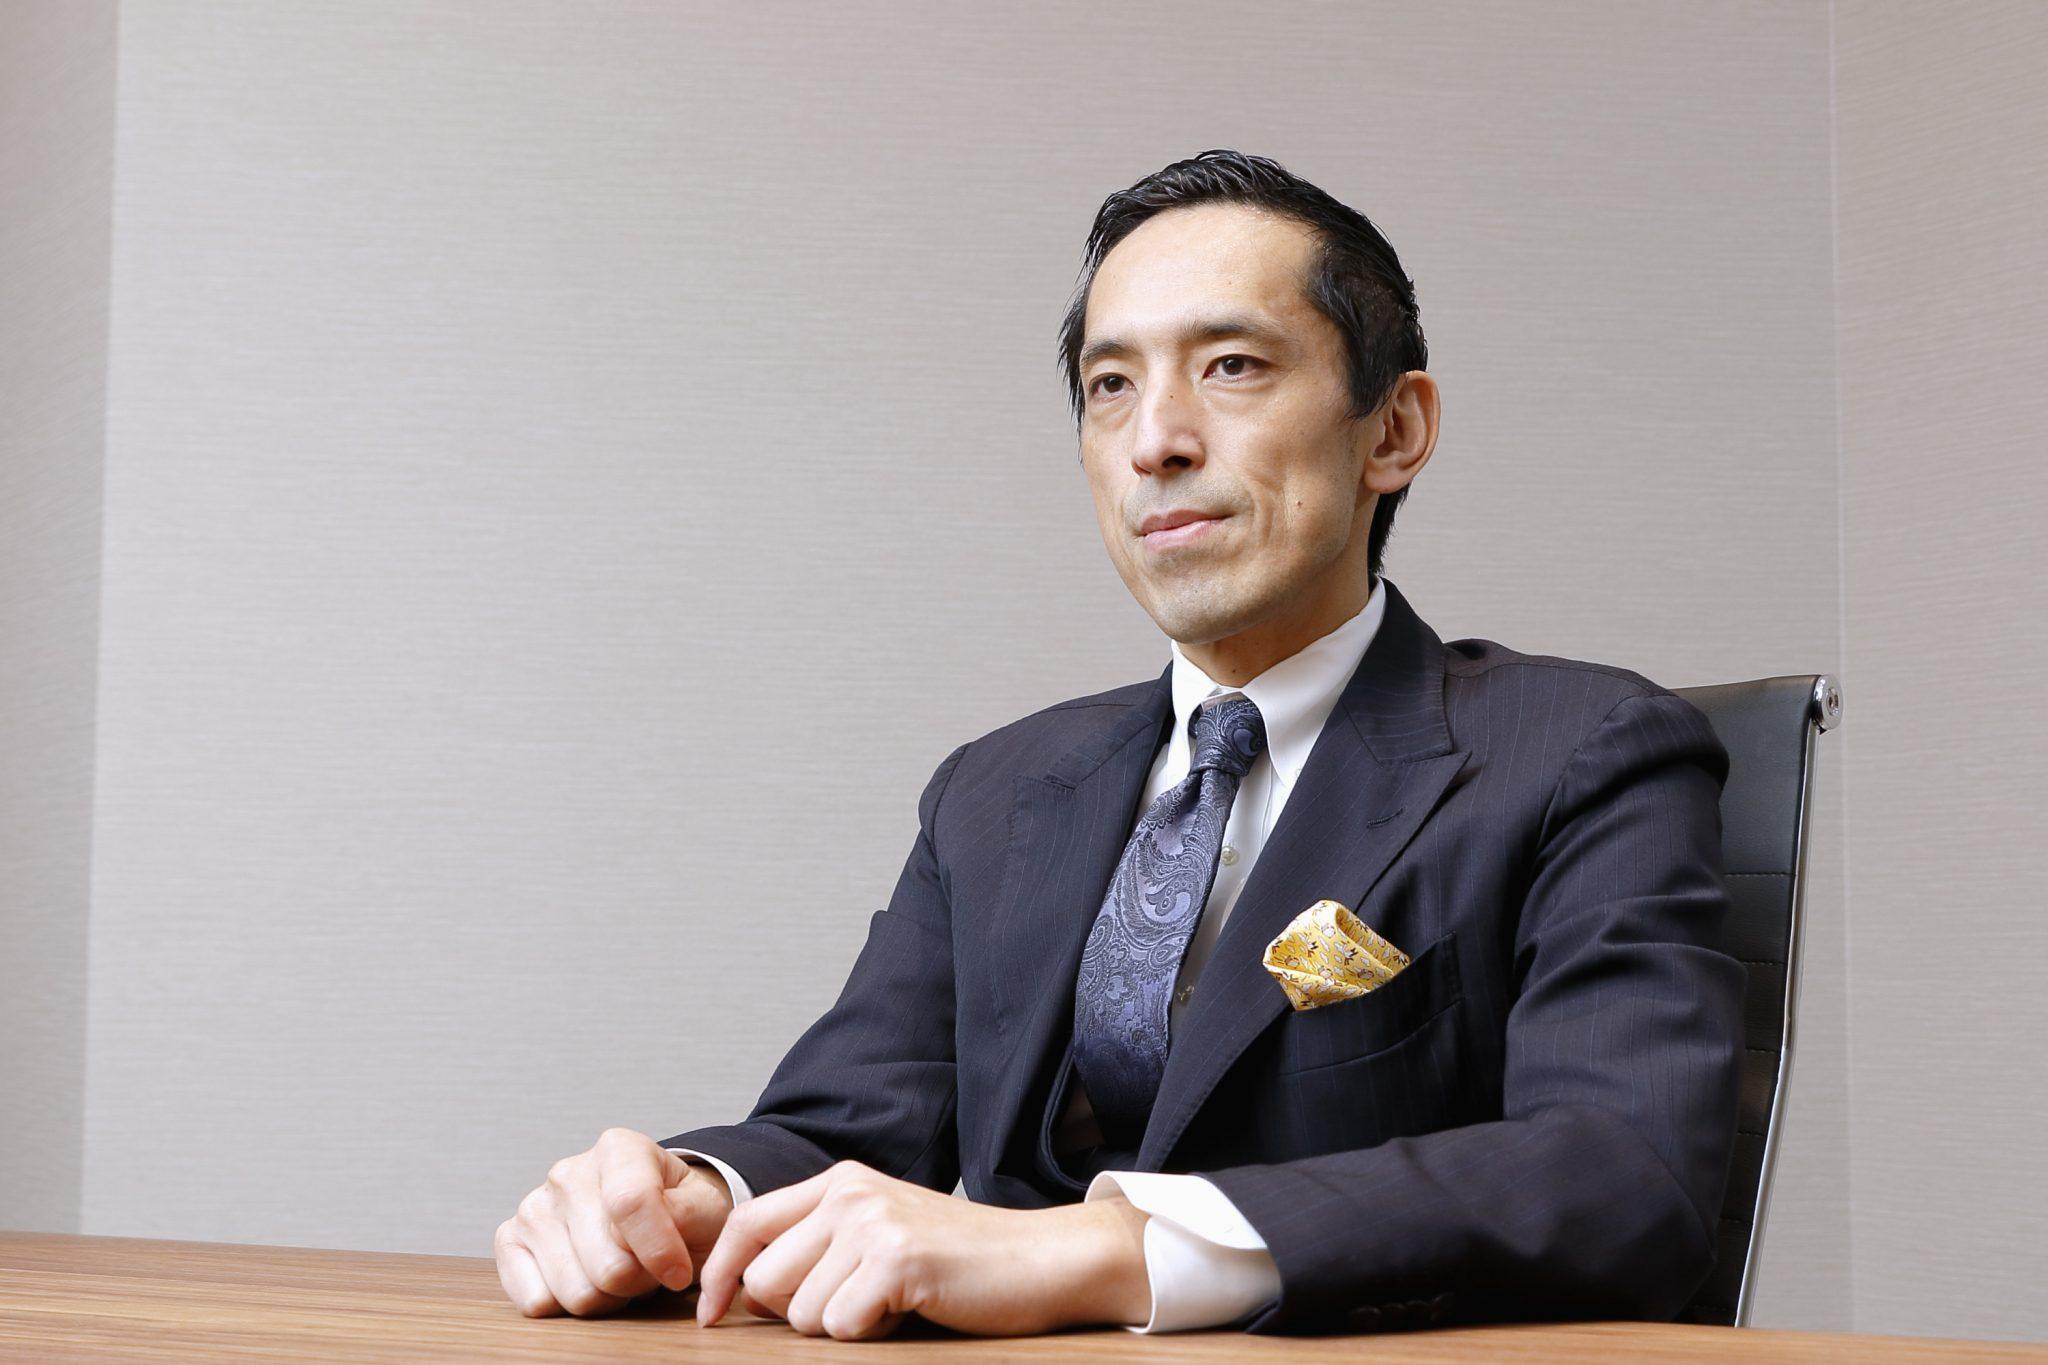 OMM法律事務所 大塚和成弁護士 インタビュー記事 画像1